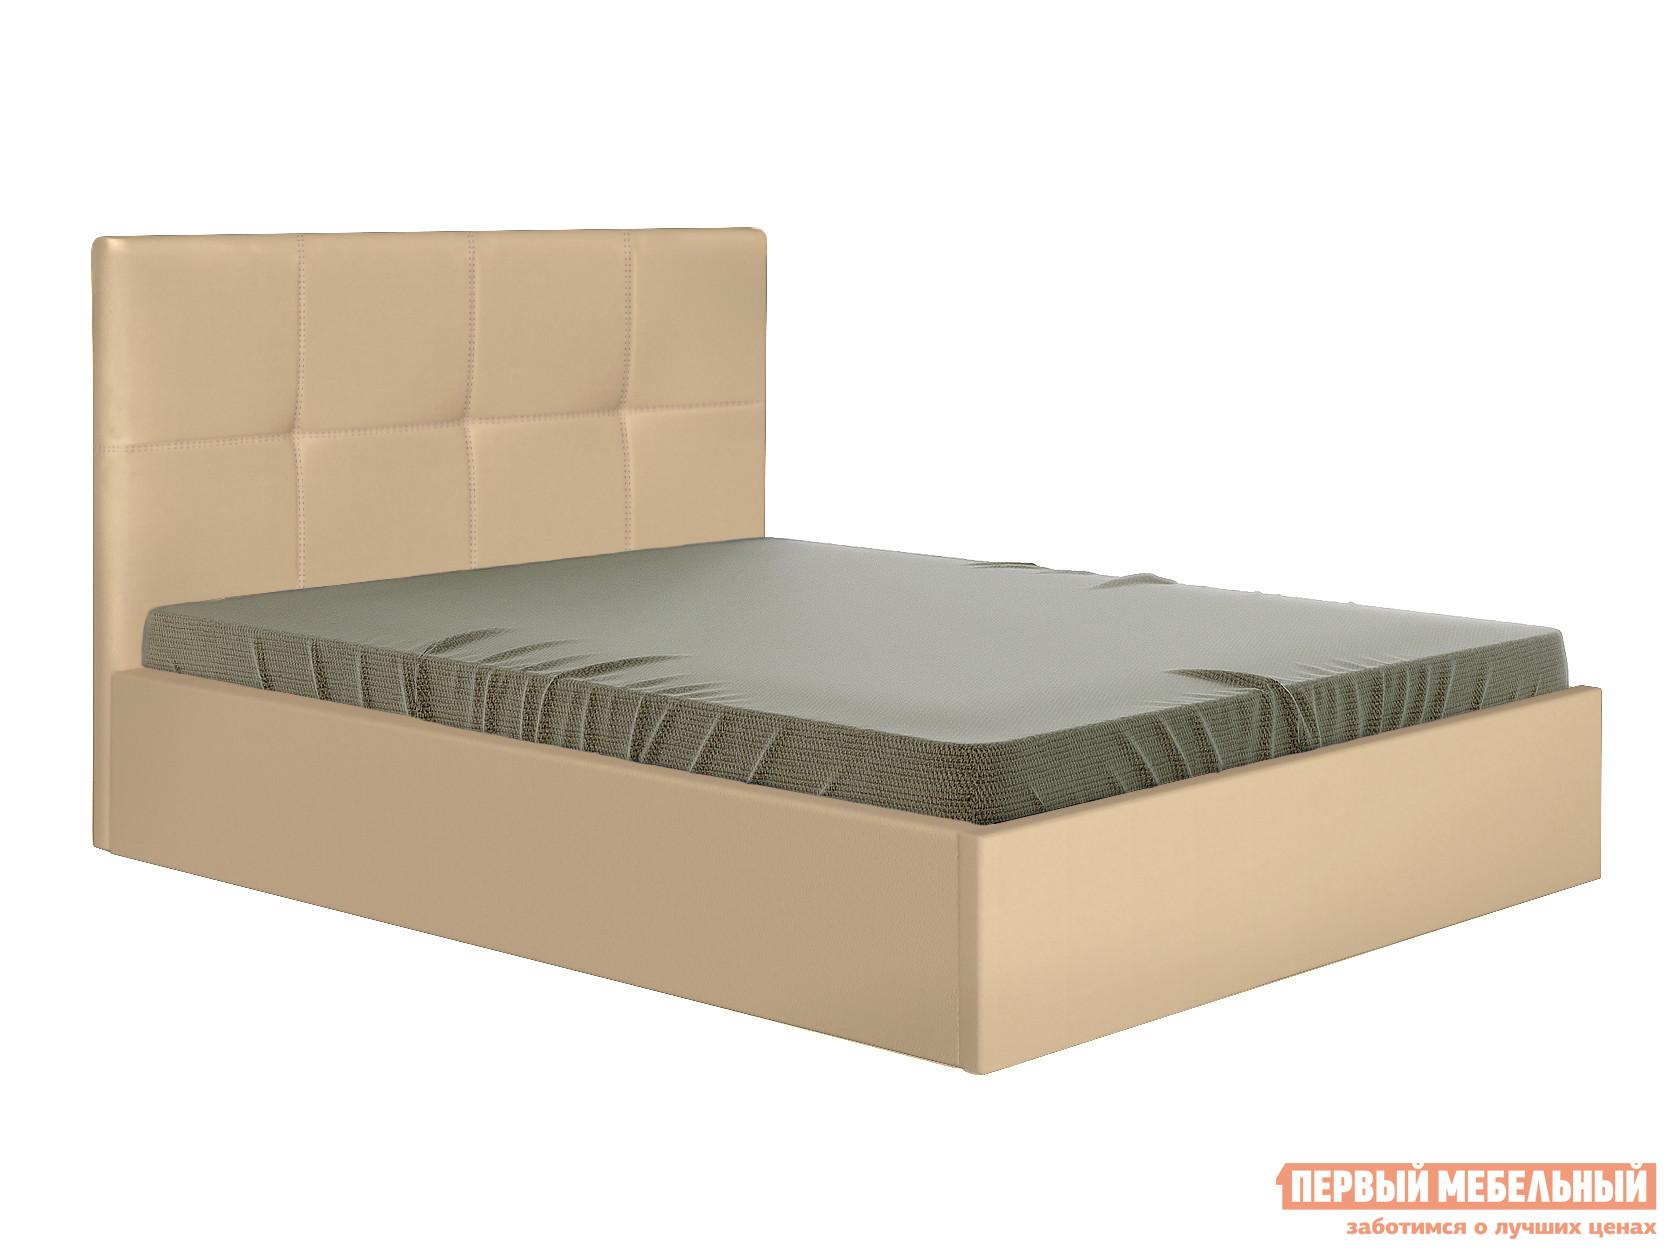 Двуспальная кровать  Верда Бежевый, экокожа, 140х200 см